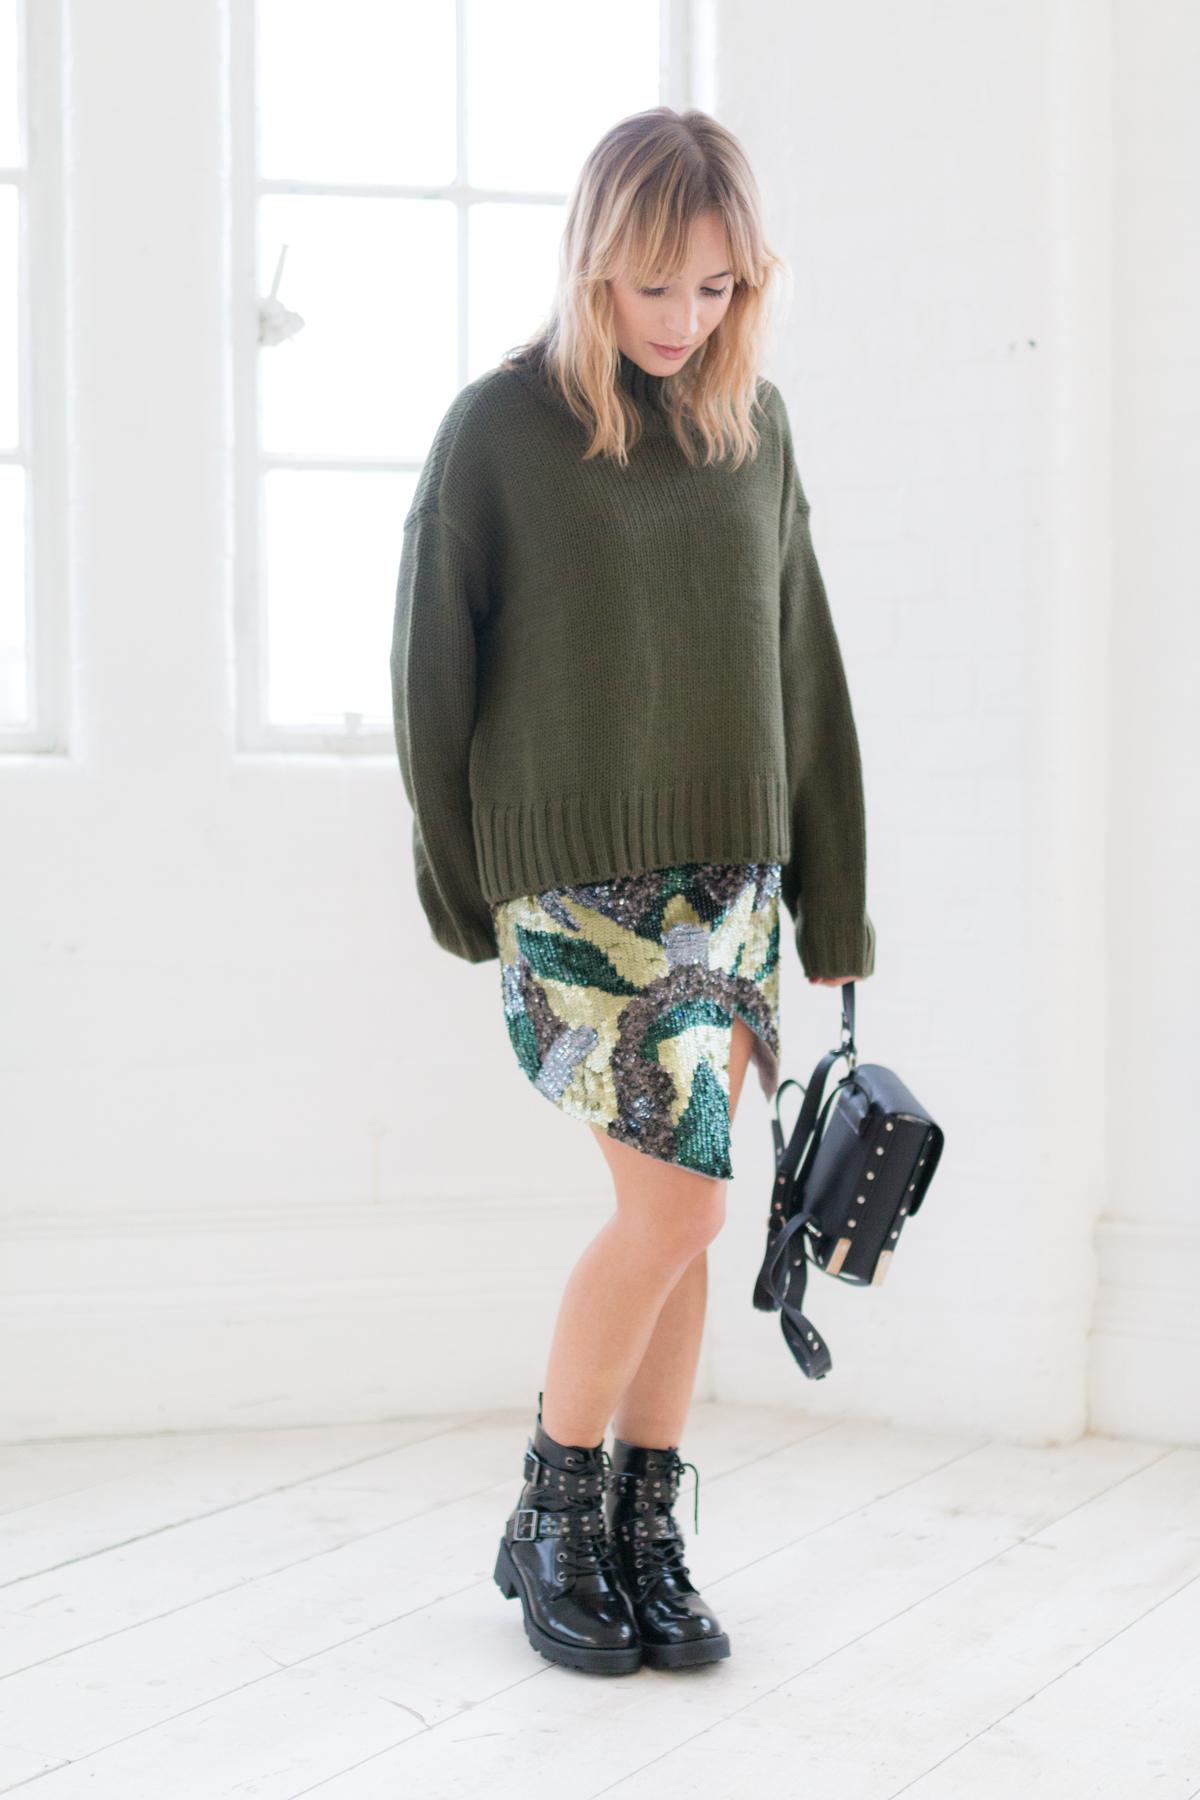 Tendance militaire jupe sequin et pull oversize kaki I Sp4nkblog-7